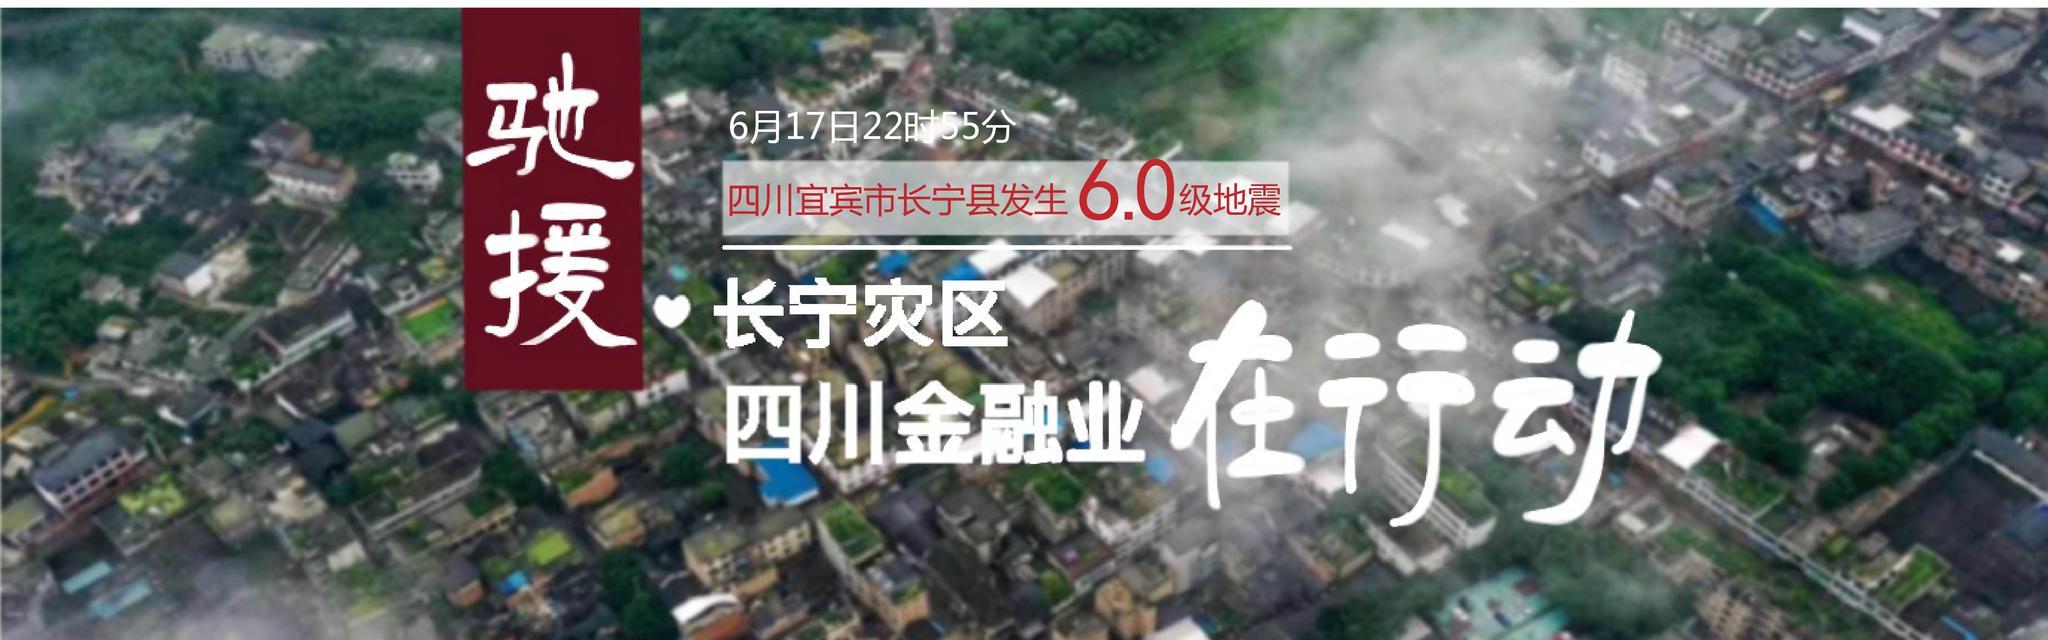 四川金融业驰援长宁灾区